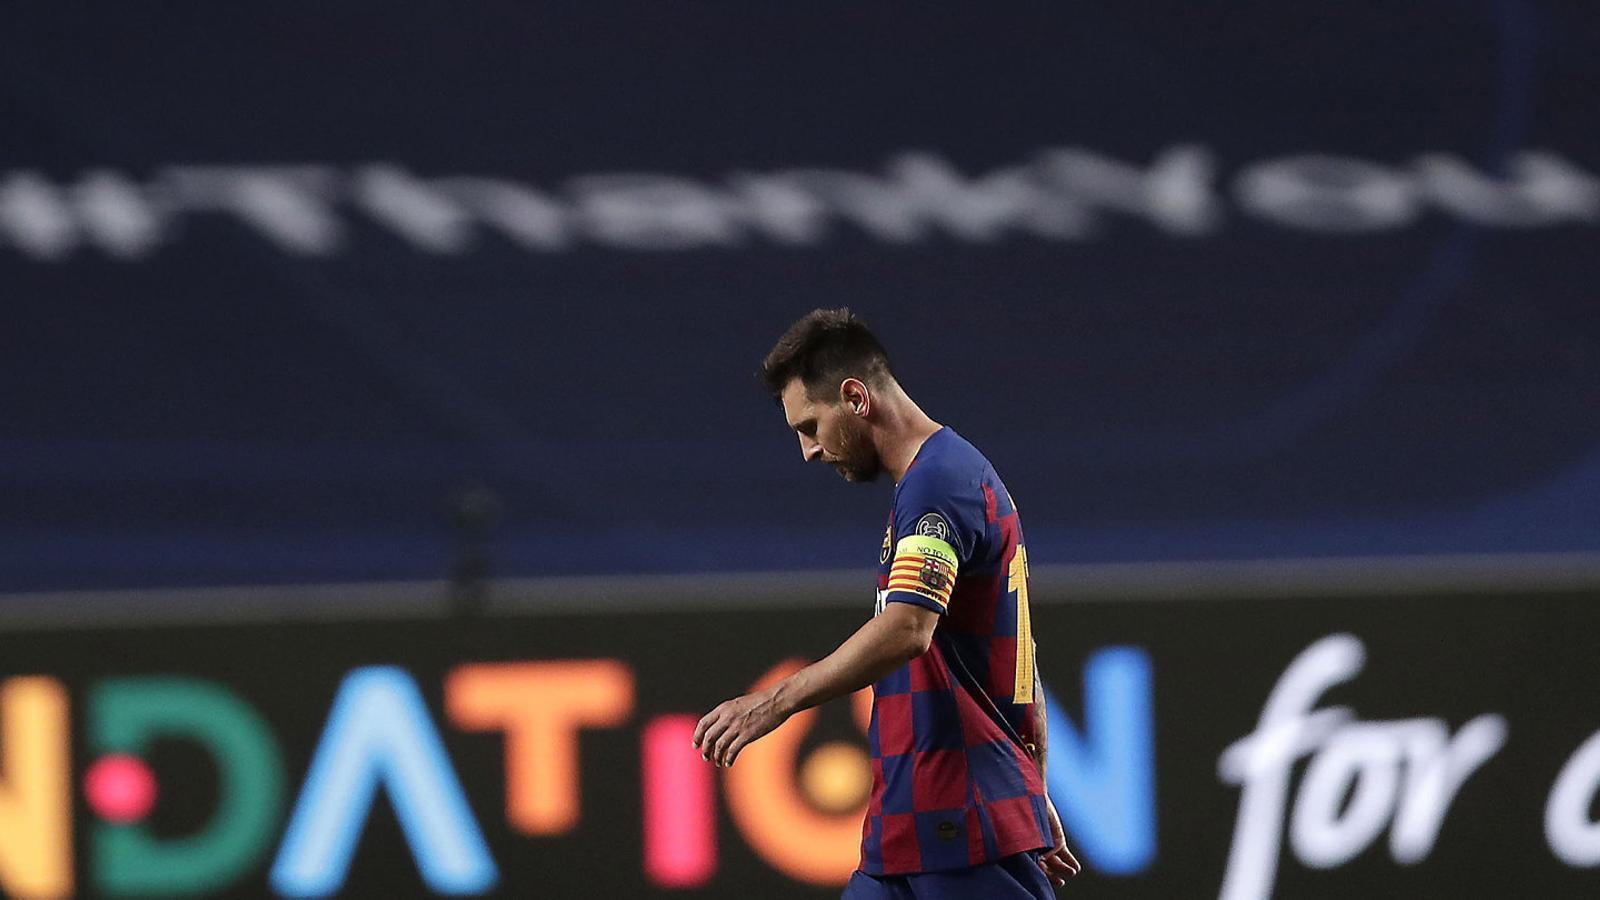 El final inevitable per a Messi